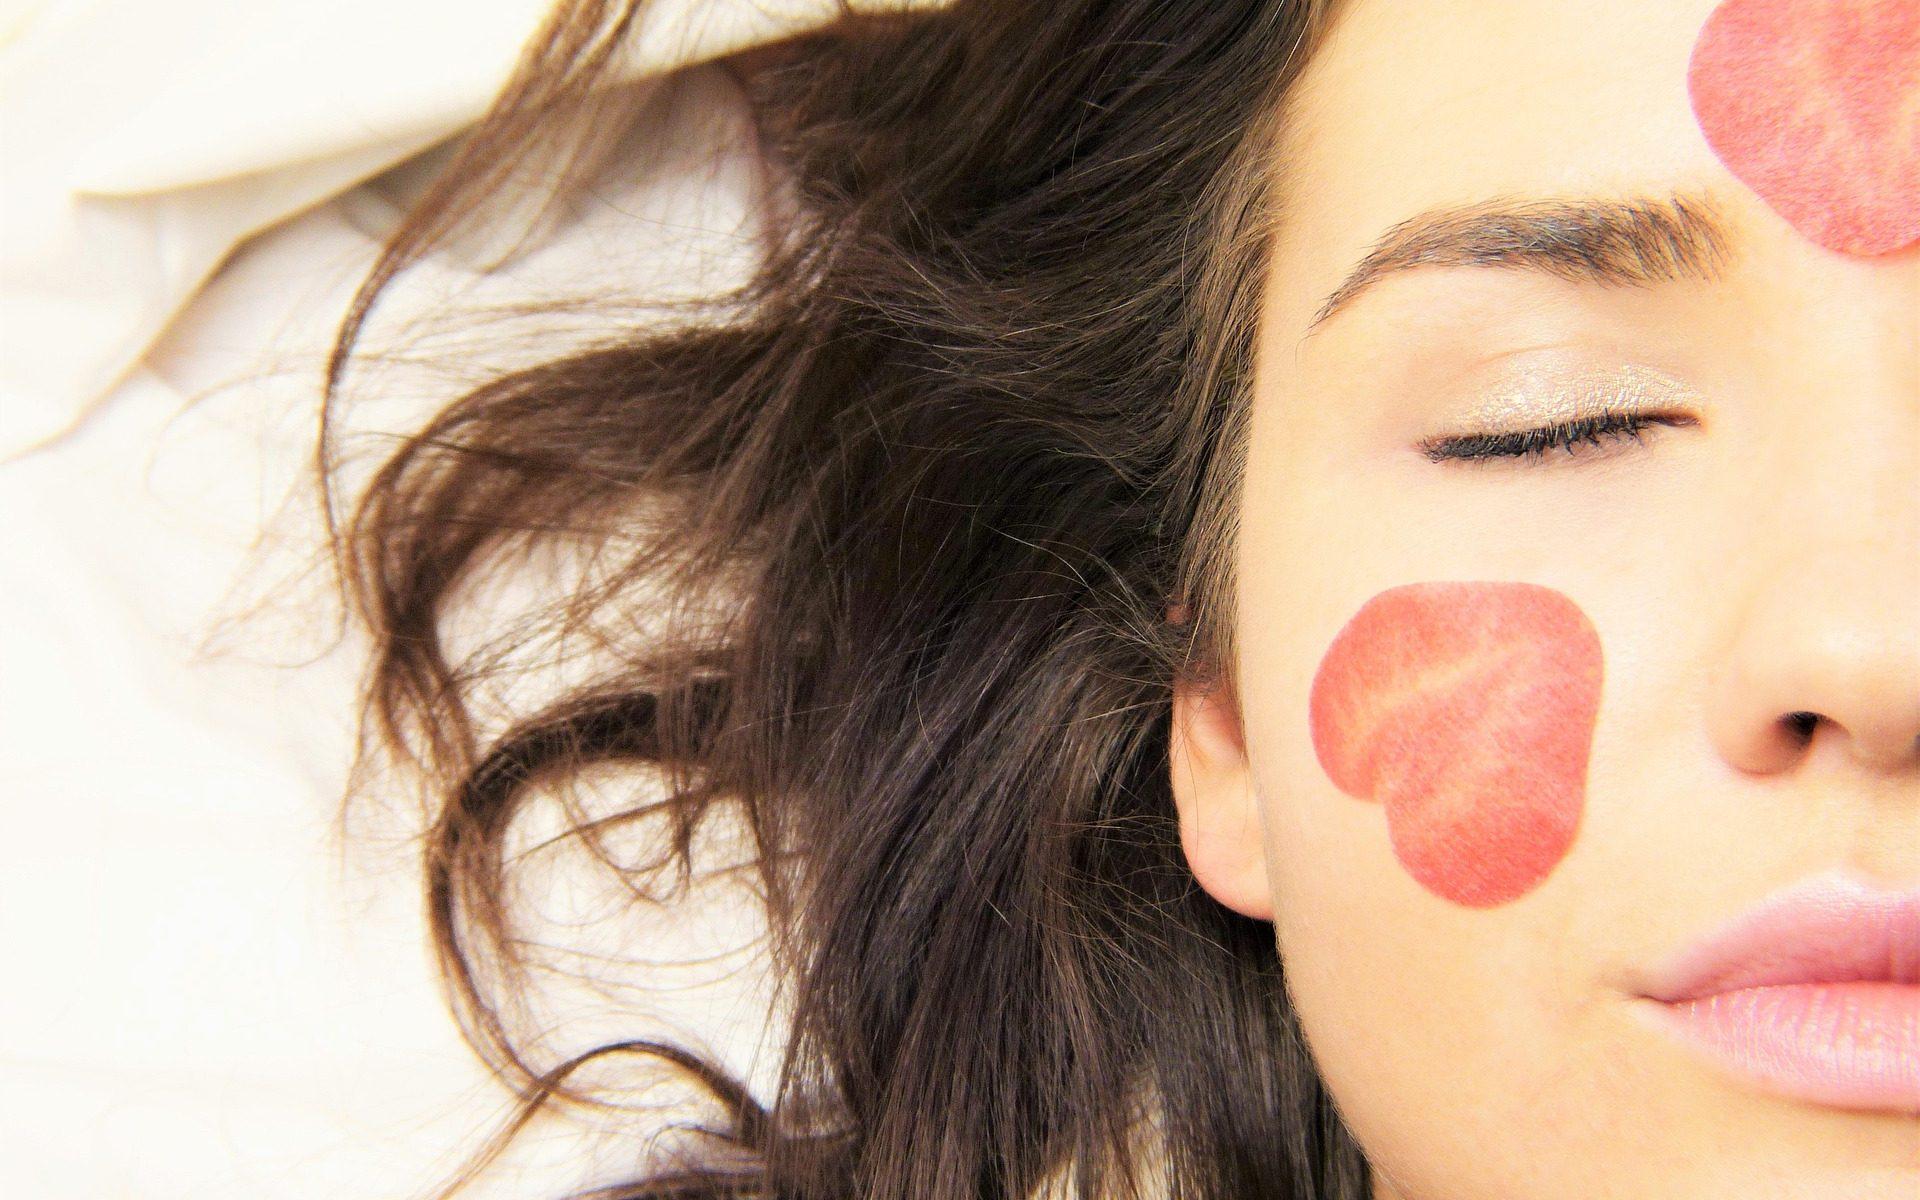 Une jeune fille avec des coeurs dessinés sur le visage et qui ferme les yeux comme si elle rêvait. Image choisie pour représenter le Projet associatif de Jeunes Pour le Monde